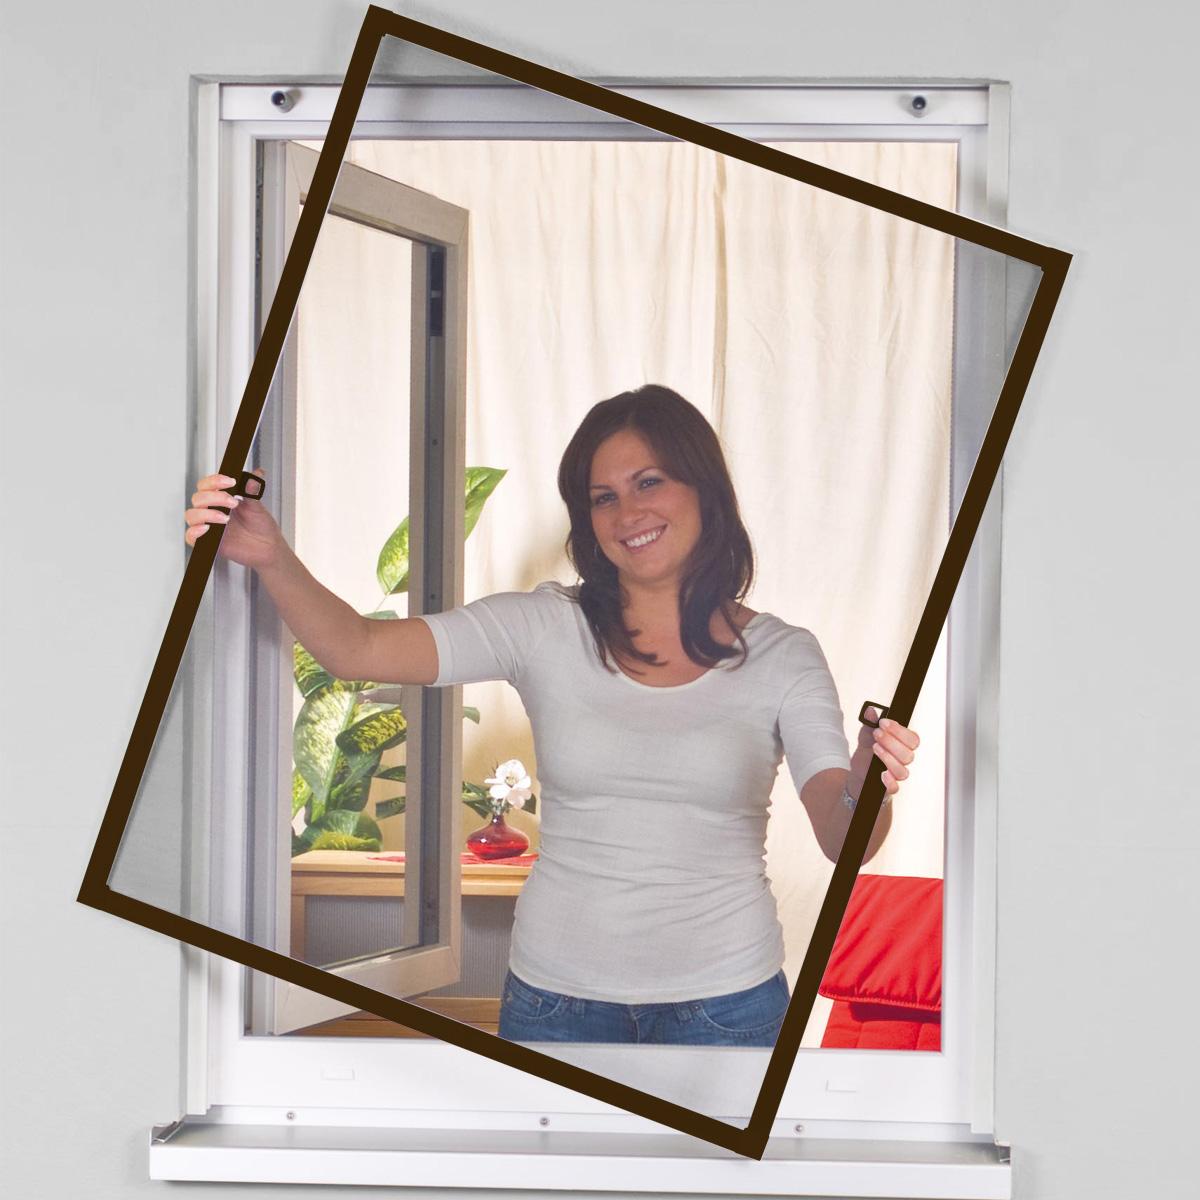 Full Size of Easy Life Insektenschutz Alu Fenster Greenline Mit Bohrfreier Sichtschutzfolie Einseitig Durchsichtig Alarmanlage Einbruchsicherung Absturzsicherung Fenster Alu Fenster